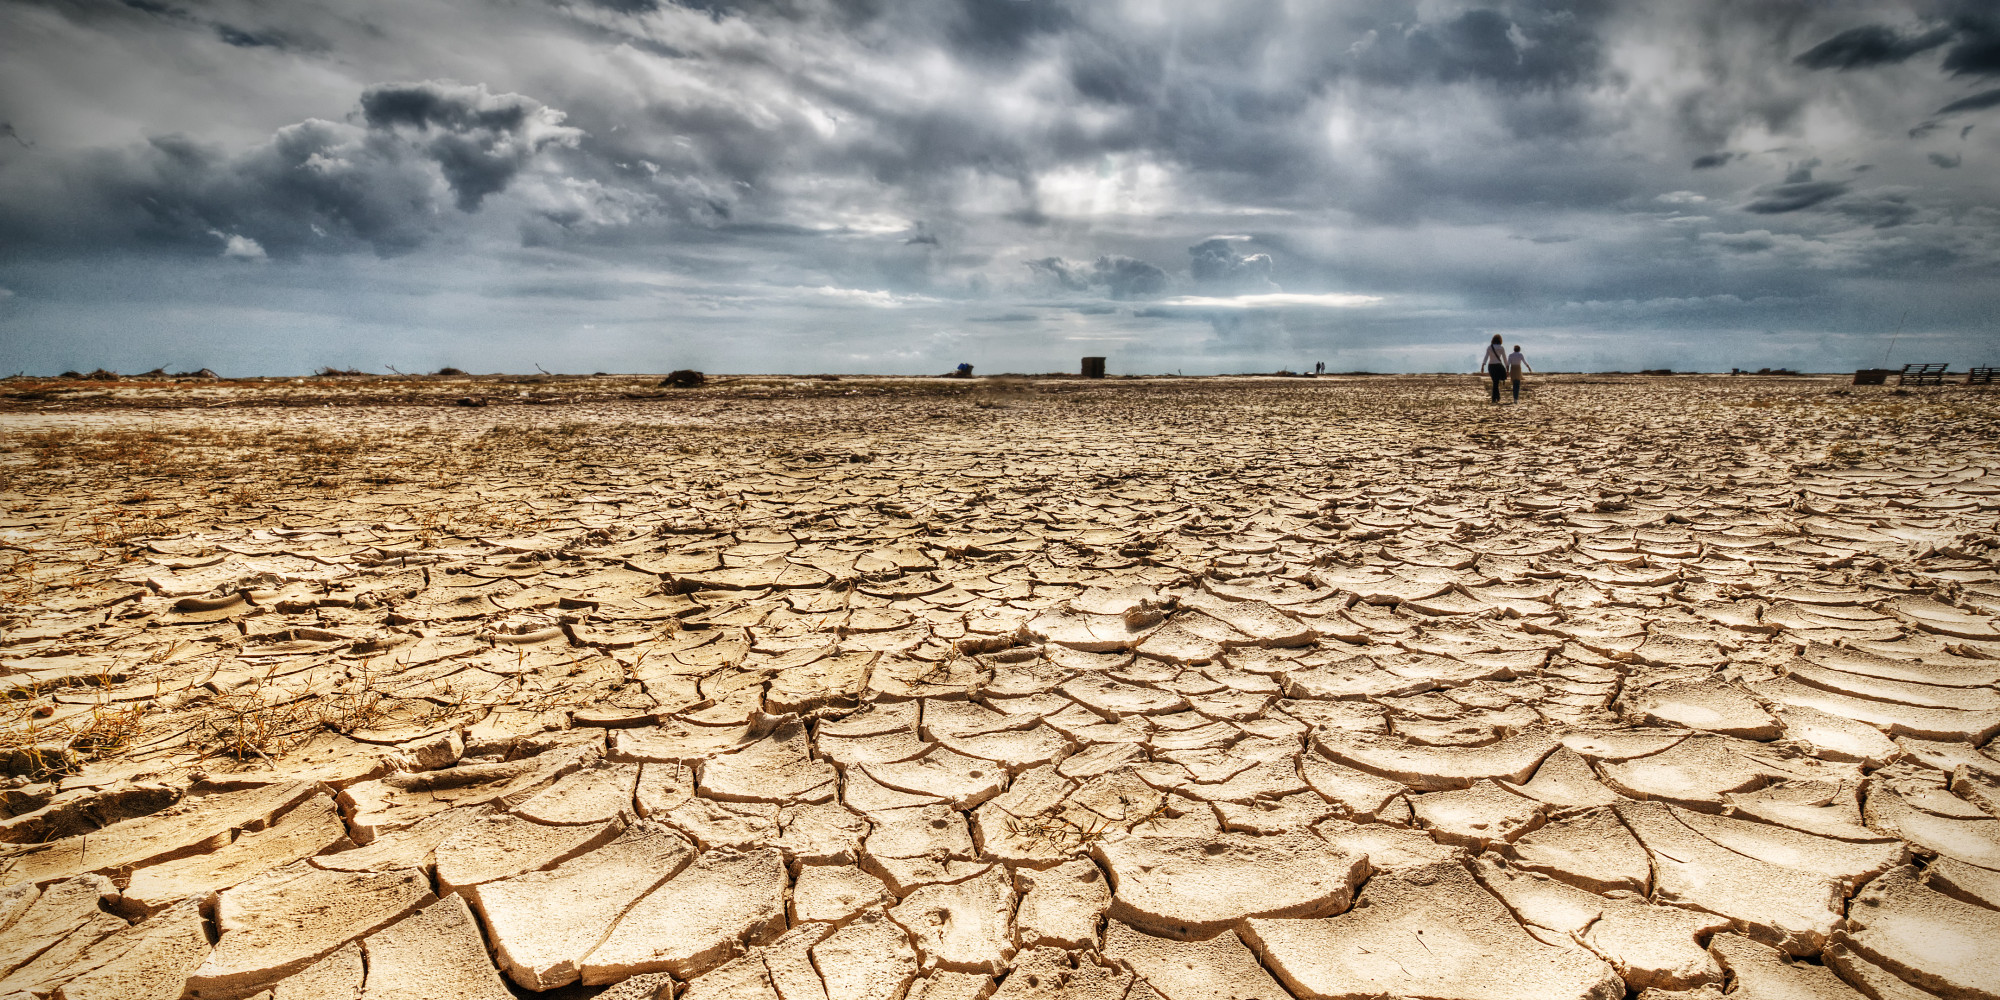 Sécheresse… La guerre de l'eau aura-t-elle lieu ?